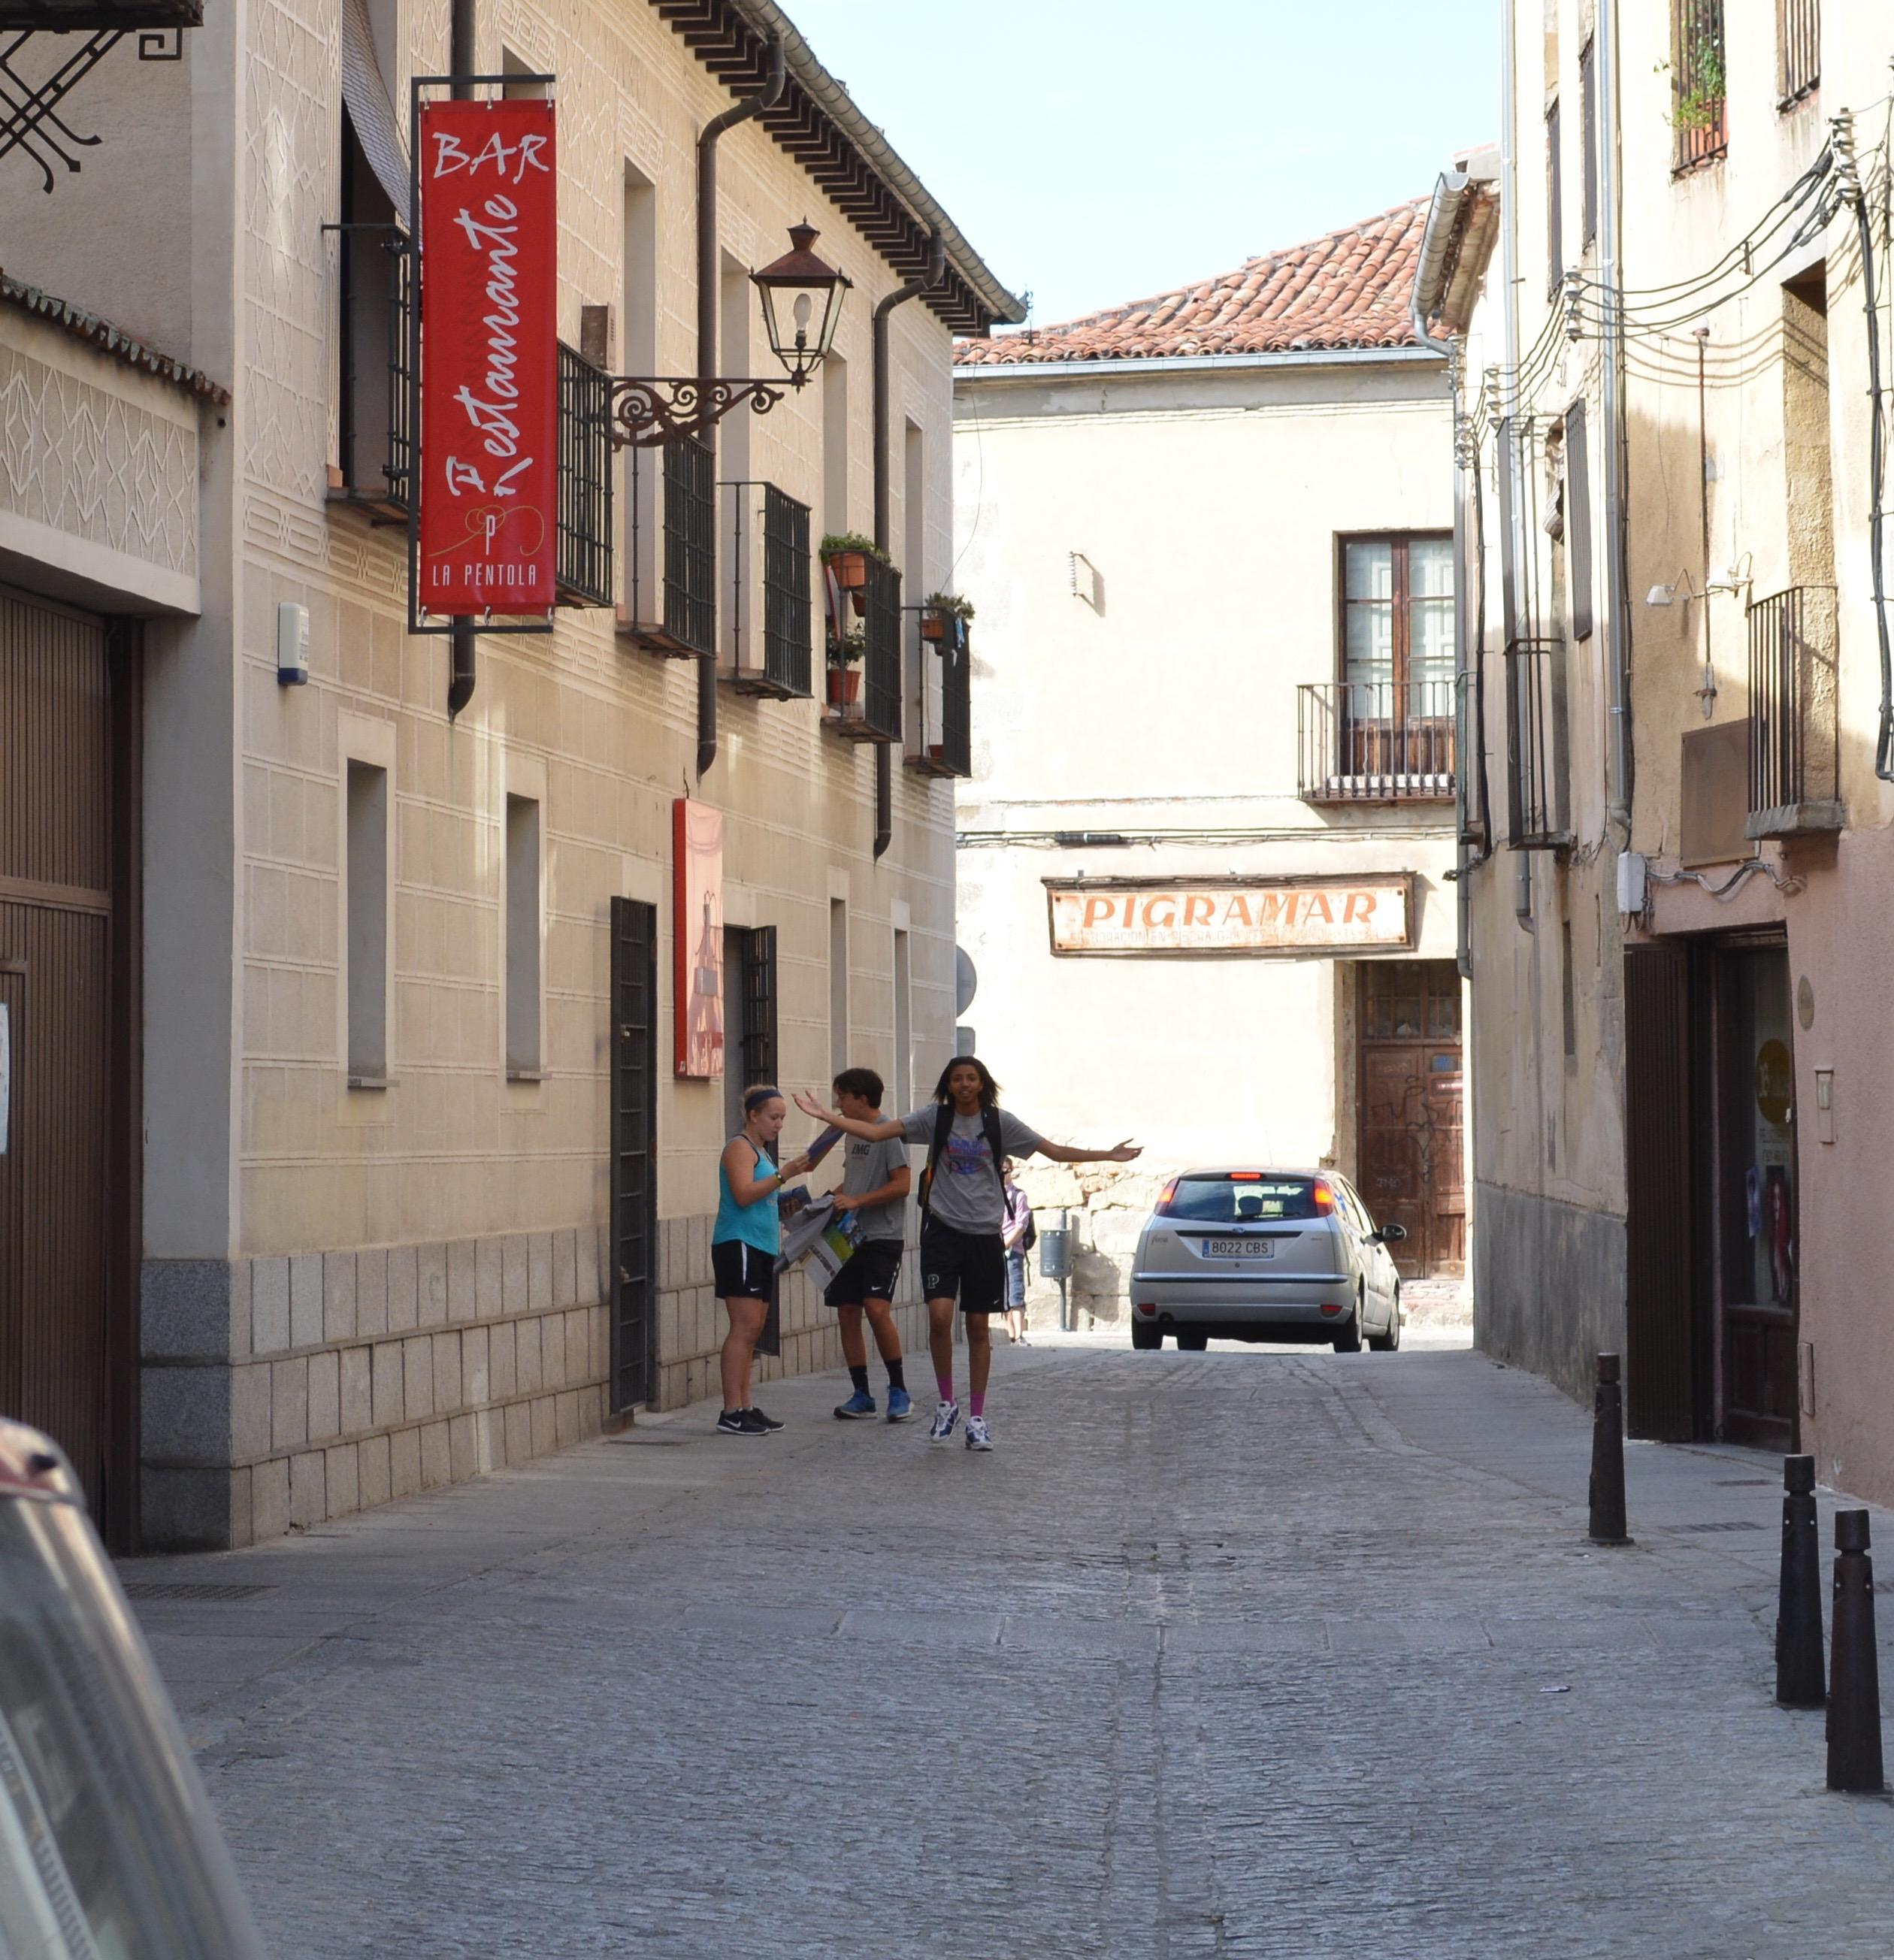 Proctor en Segovia old quarter scavenger hunt